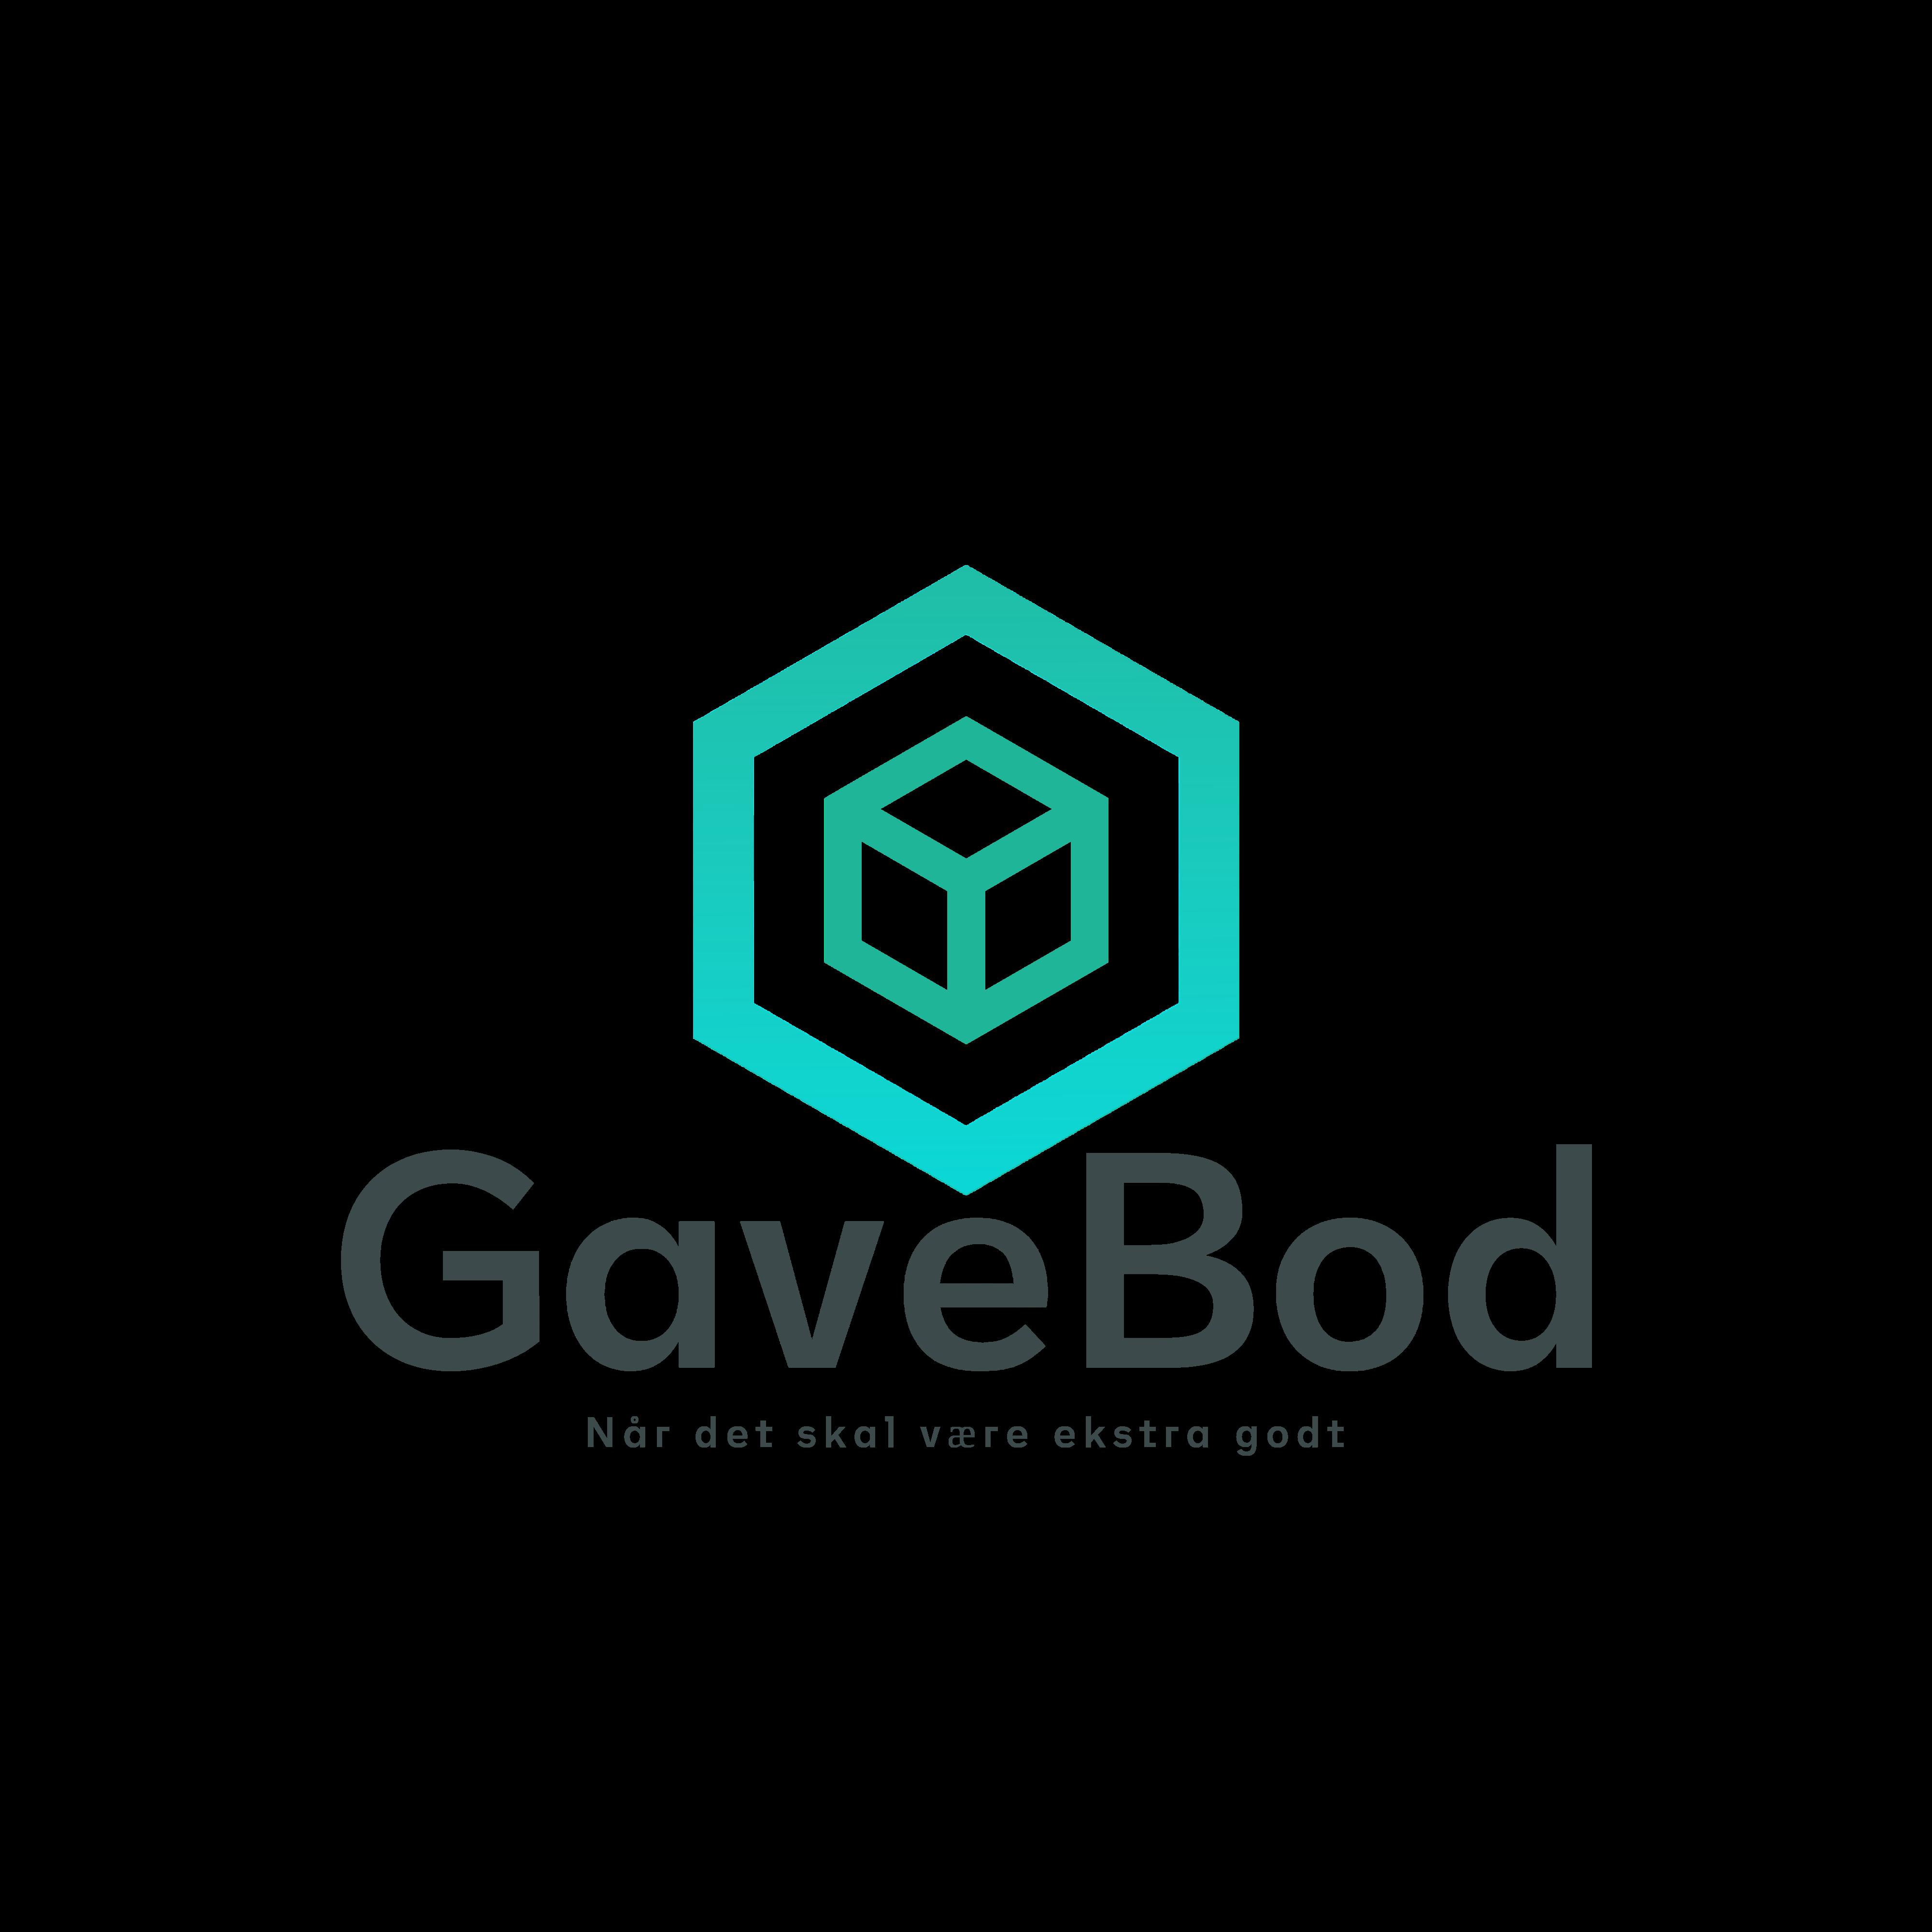 Gavebod.dk Her kan du finde gaver til enhver lejlighed